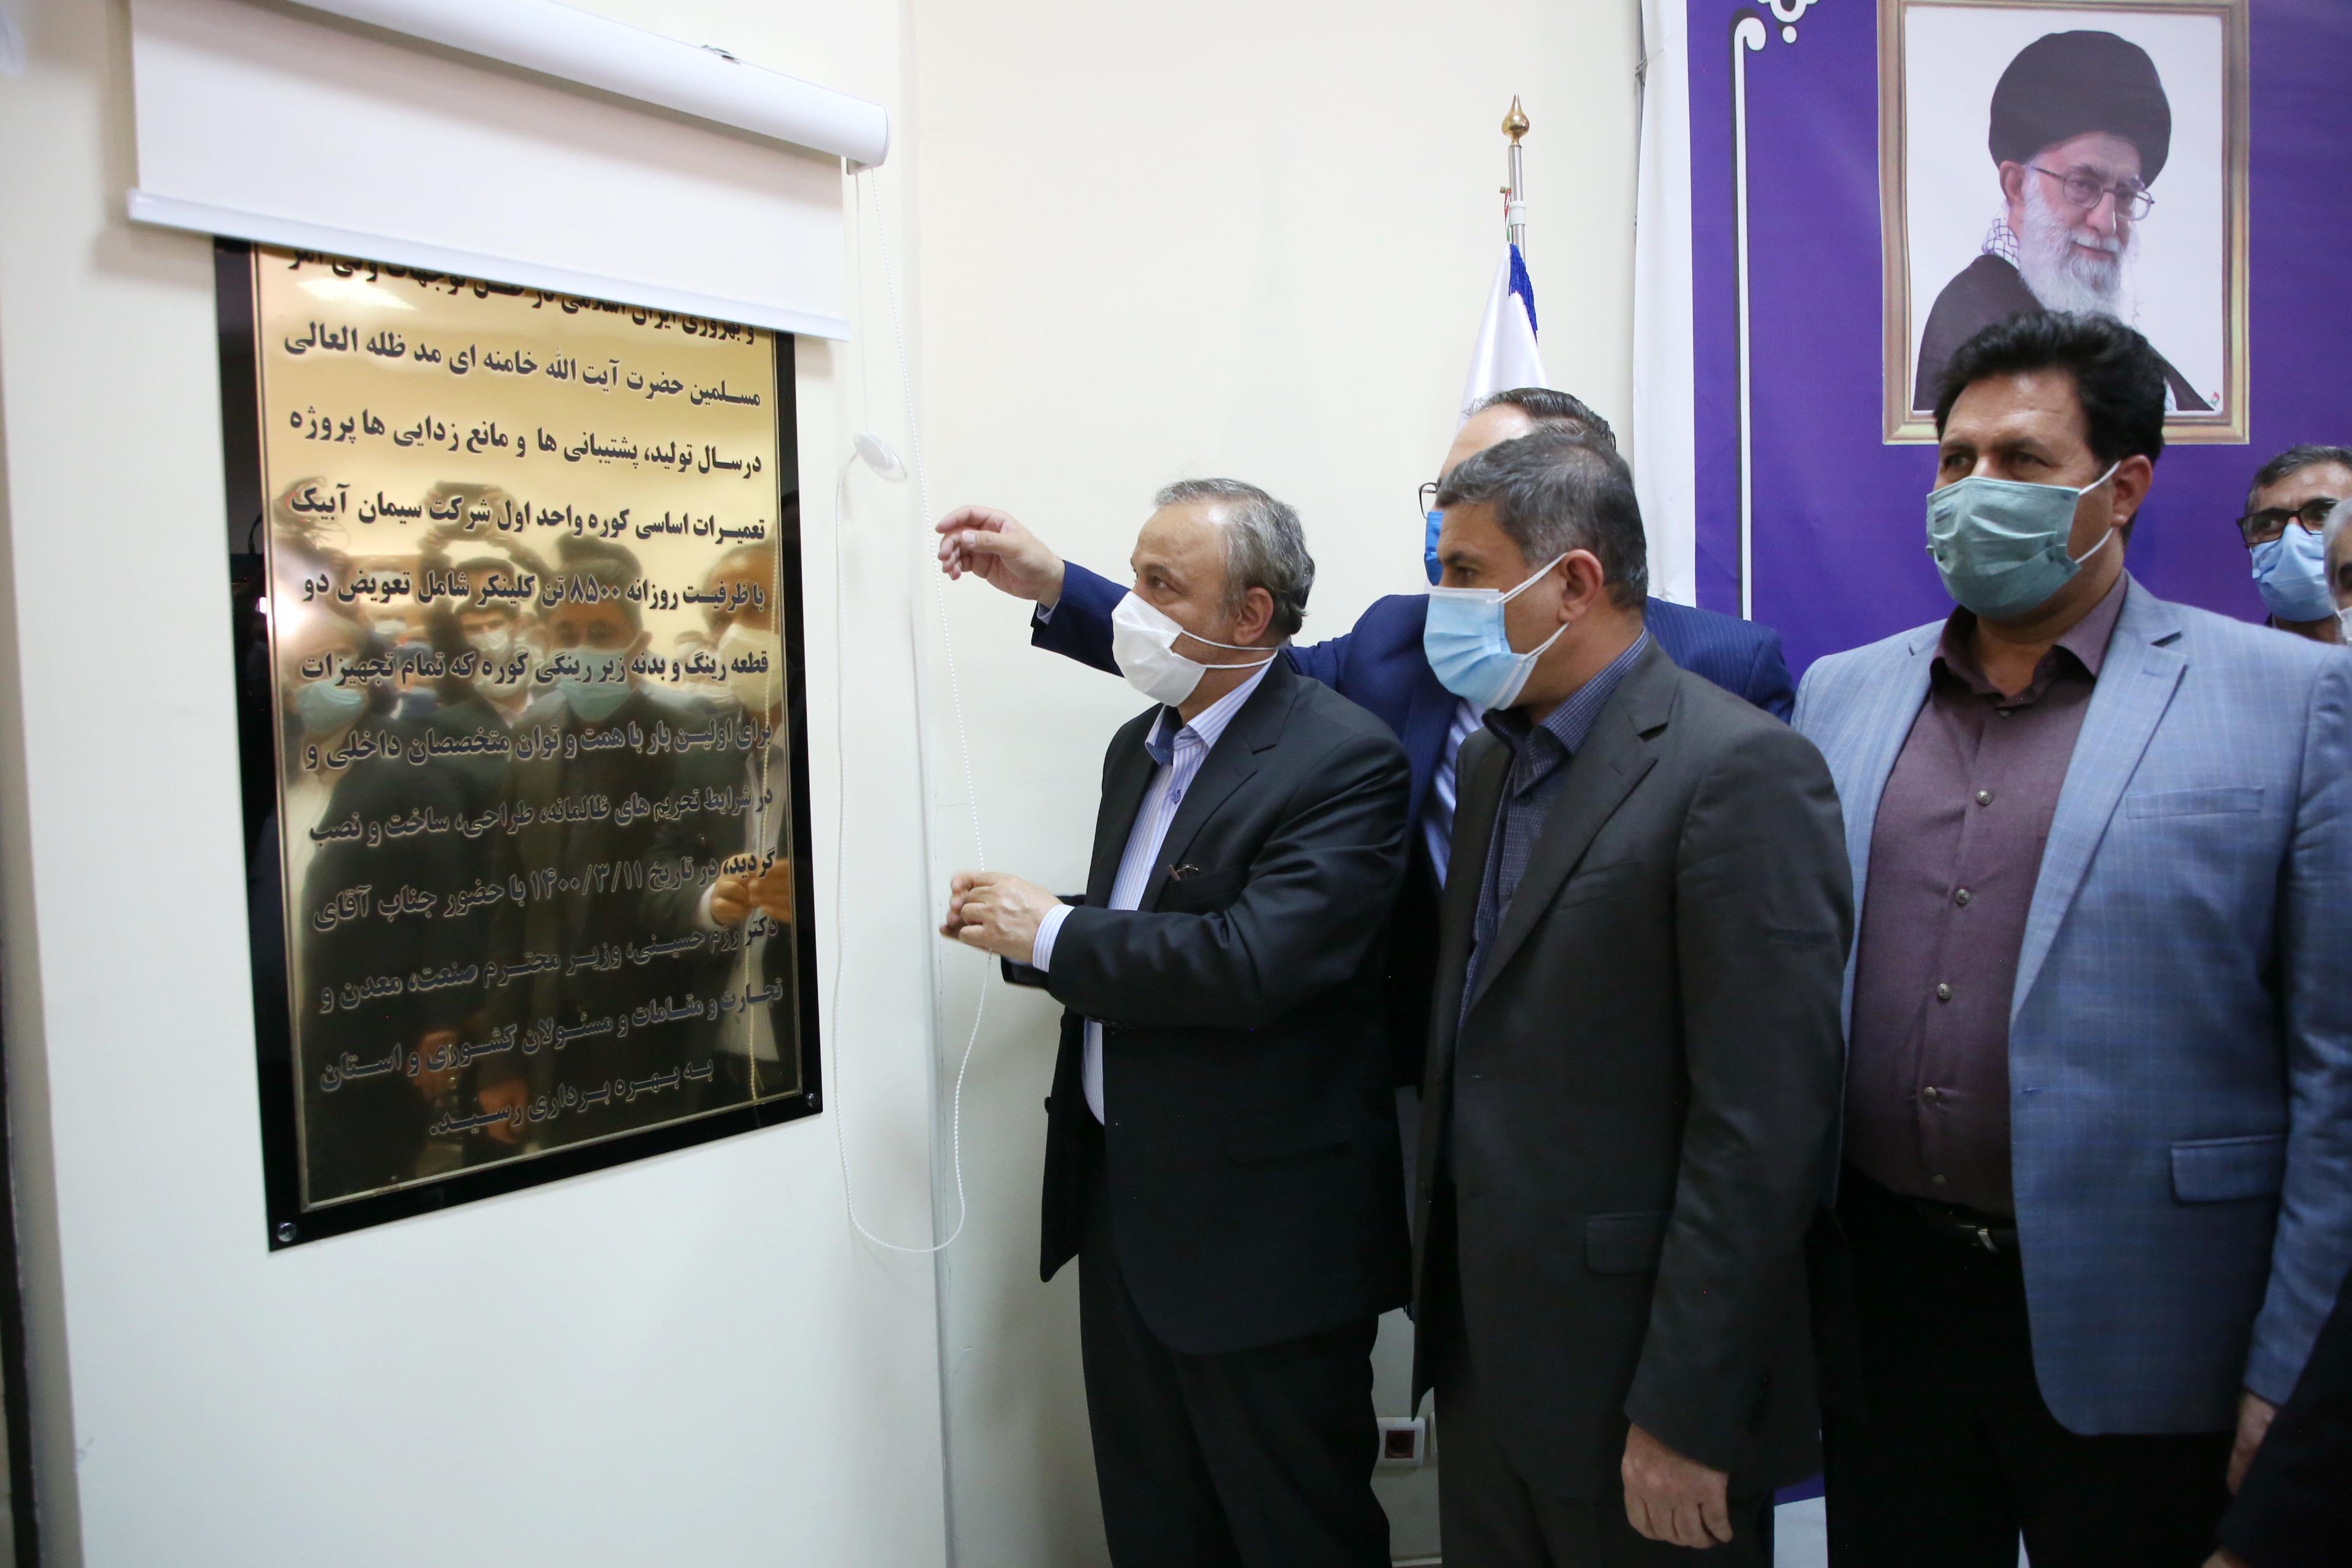 بازدید و افتتاح بزرگترین خط تولید سیمان کشور.توسط وزیر صمت 1400/3/11